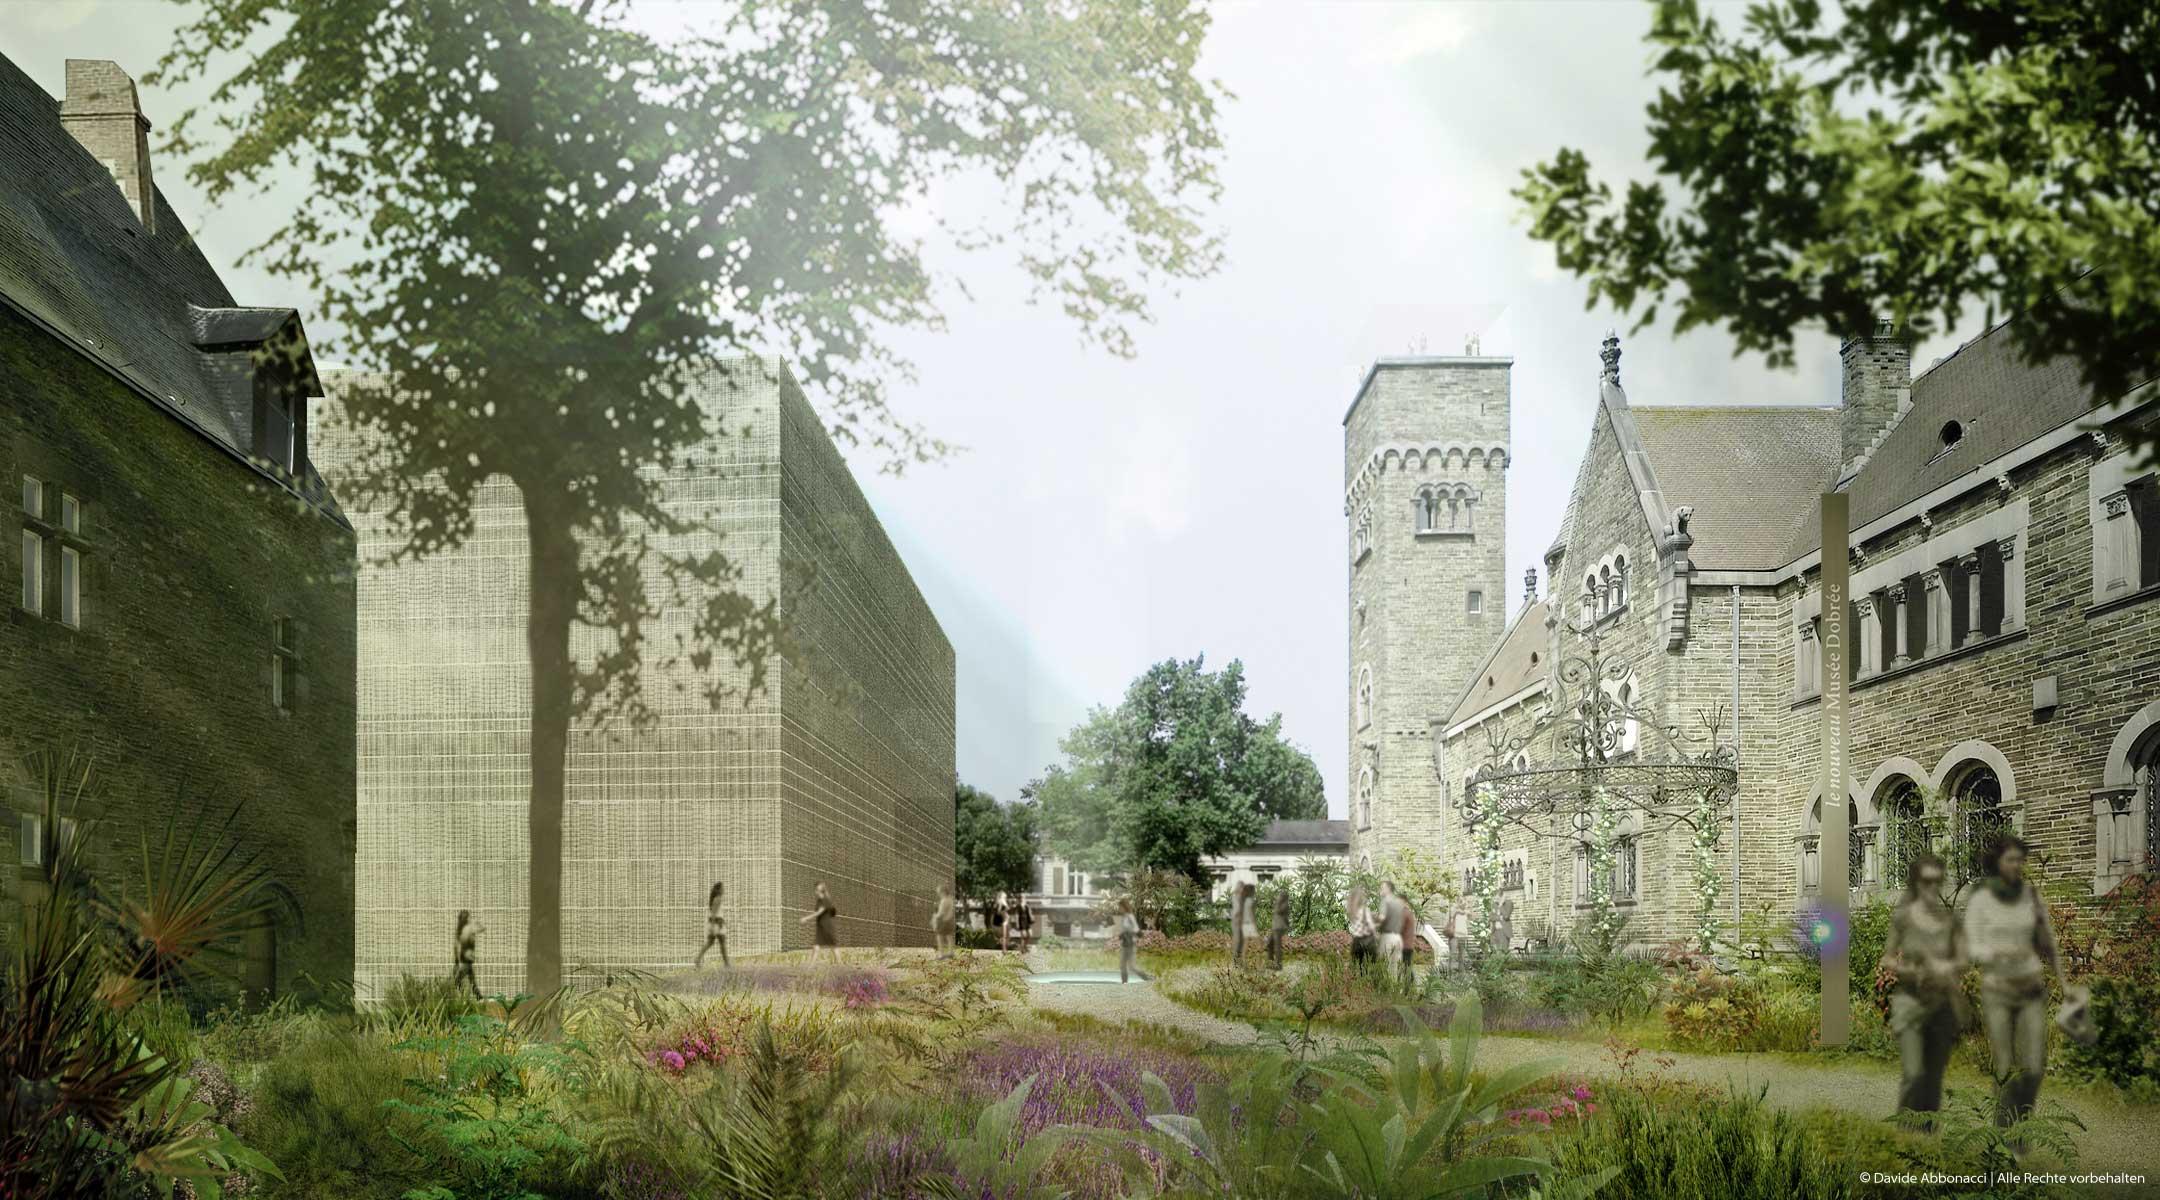 Musèe Dobrèe, Nantes | LIN Architects Urbanists | 2009 Wettbewerbsvisualisierung | Mitarbeiter: Tom Hemmerich